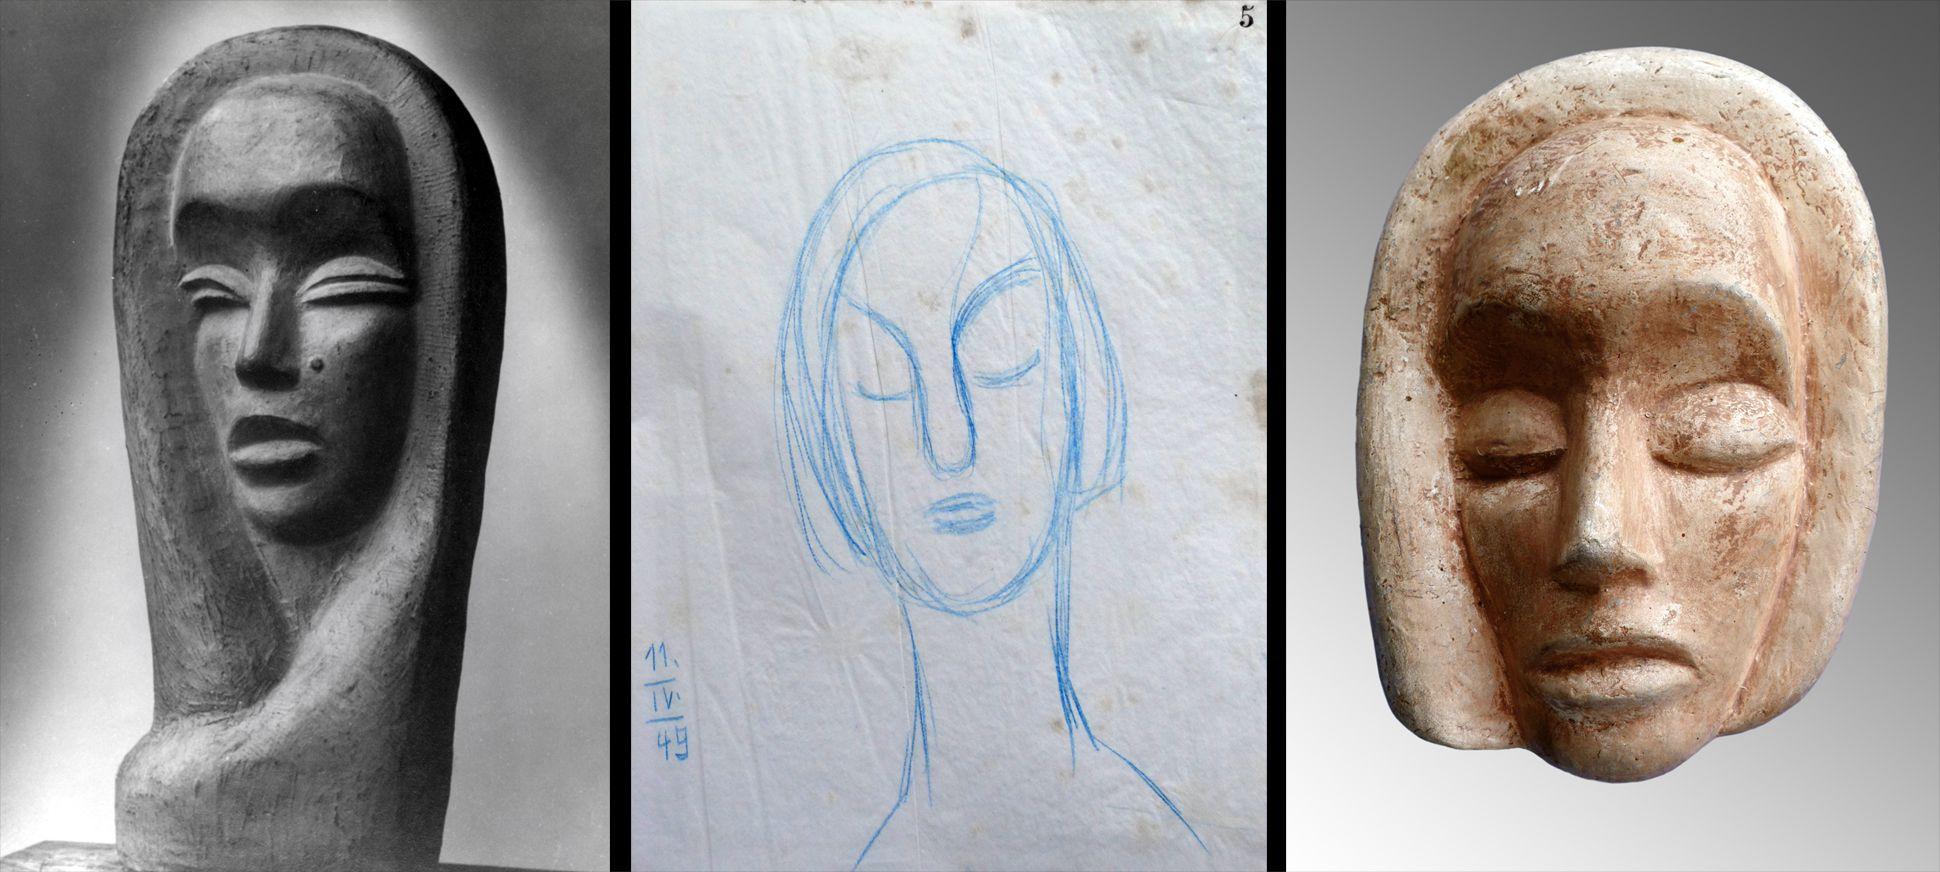 Maske Vergleich mit einem weiterem Werk (Verbleib unbekannt) des Künstlers und einer Skizze aus dem Entstehungsjahr